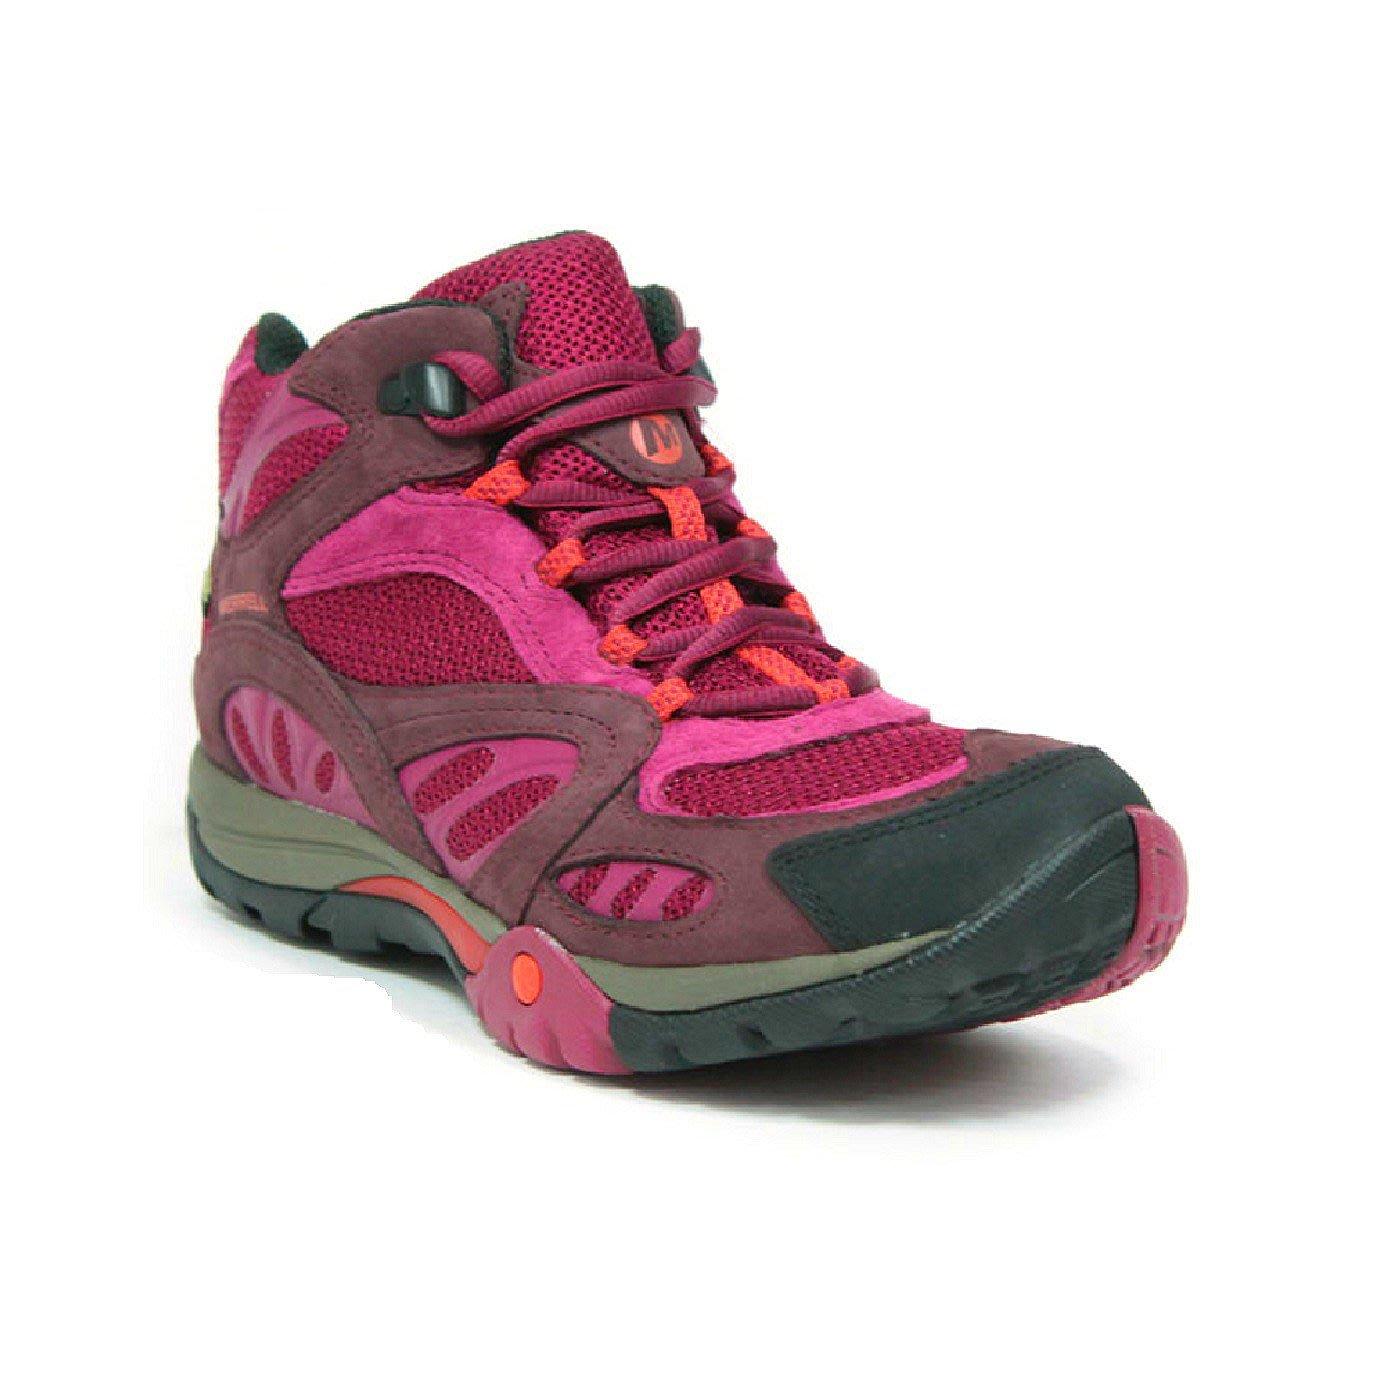 tulokas kuuma tuote ensimmäinen katsaus MERRELL AZURA MID GORE-TEX 牛巴戈網面 野趣健行登山鞋 秋冬新色 女 雪靴